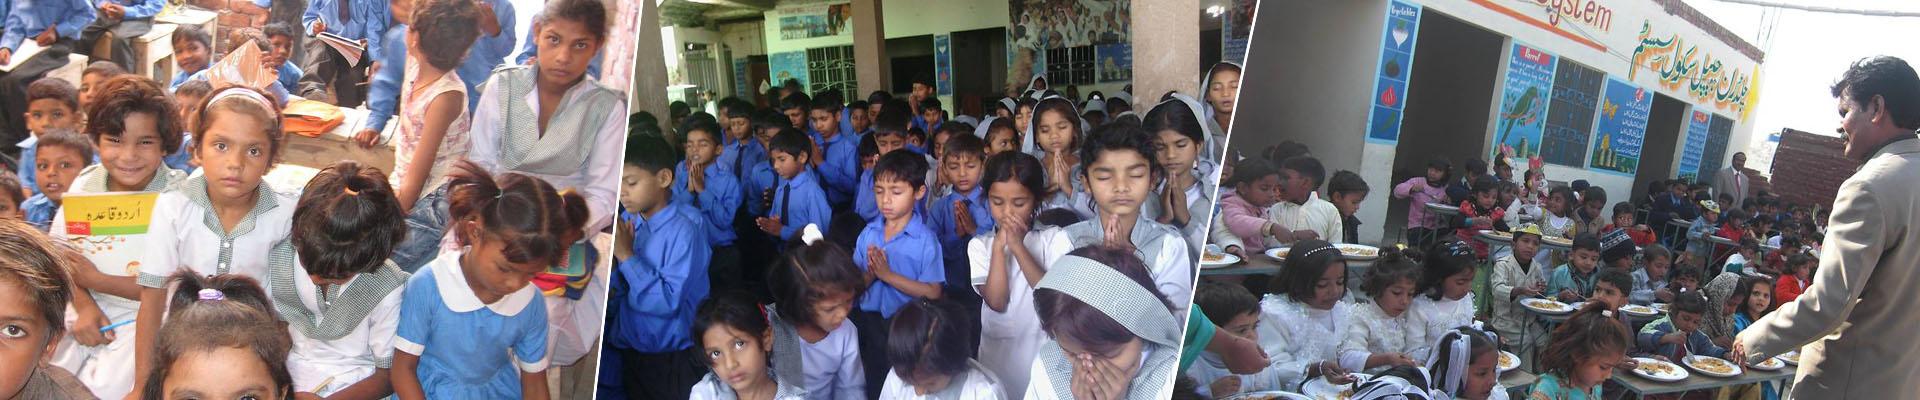 CCM School System